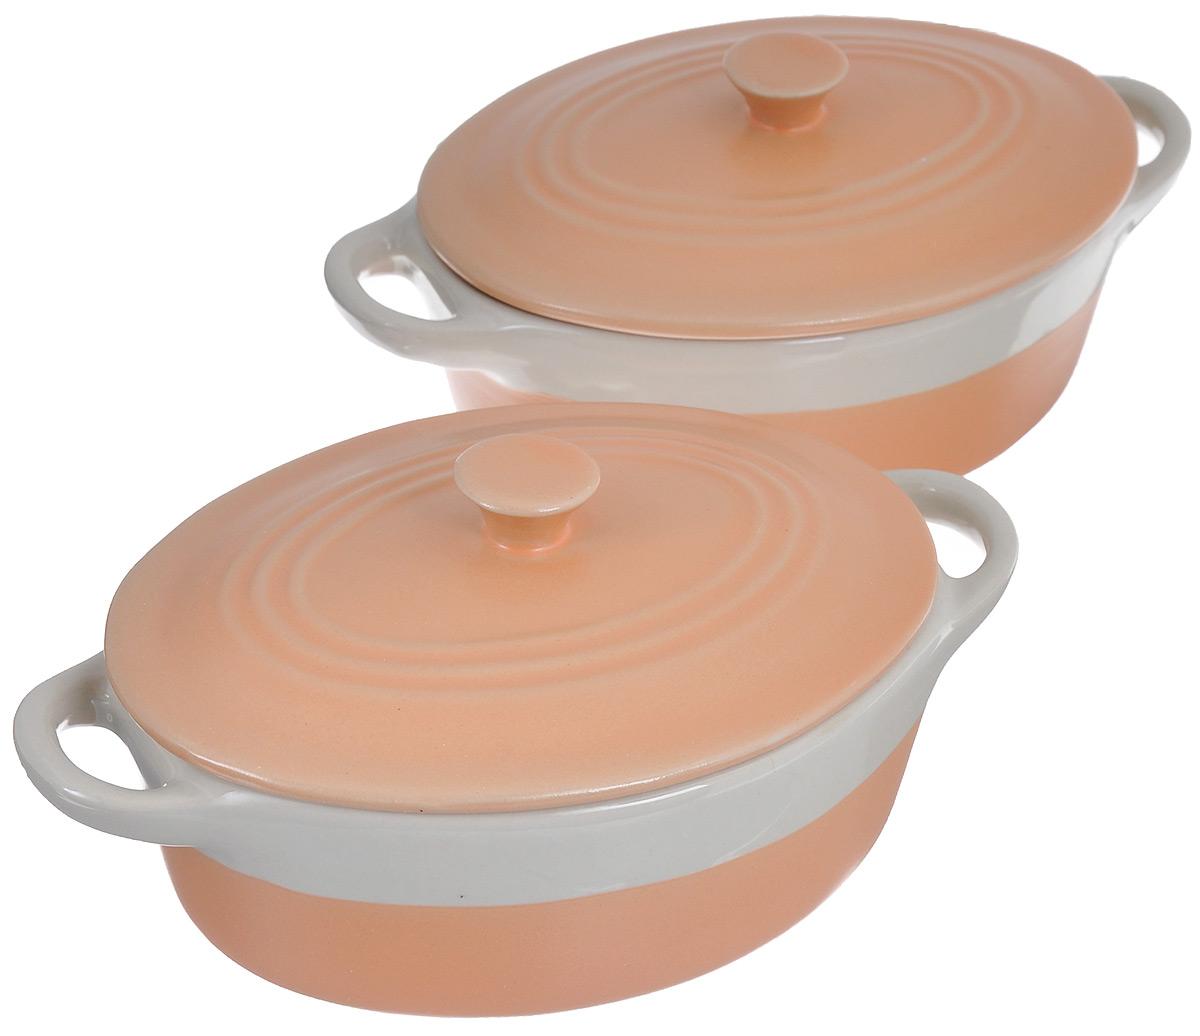 Набор жаровен Mayer & Boch с крышками, цвет: оранжевый, бежевый, 300 мл, 2 шт24493Жаровня Mayer & Boch изготовлена из керамики. Материал устойчив к образованию пятен, не пропускает запах. Изделие оснащено крышкой и двумя удобными ручками по бокам. Пища, приготовленная в керамической посуде, сохраняет свои вкусовые качества, а благодаря экологической чистоте материала, не может нанести вред здоровью человека. Керамика - один из самых лучших материалов, который удерживает тепло, медленно и равномерно его распределяет. В комплекте 2 жаровни. Подходит для использования в микроволновой печи и духовом шкафу. Можно мыть в посудомоечной машине. Размер жаровни по верхнему краю (с учетом ручек): 17 см х 10,5 см. Высота жаровни без учета крышки: 5 см.